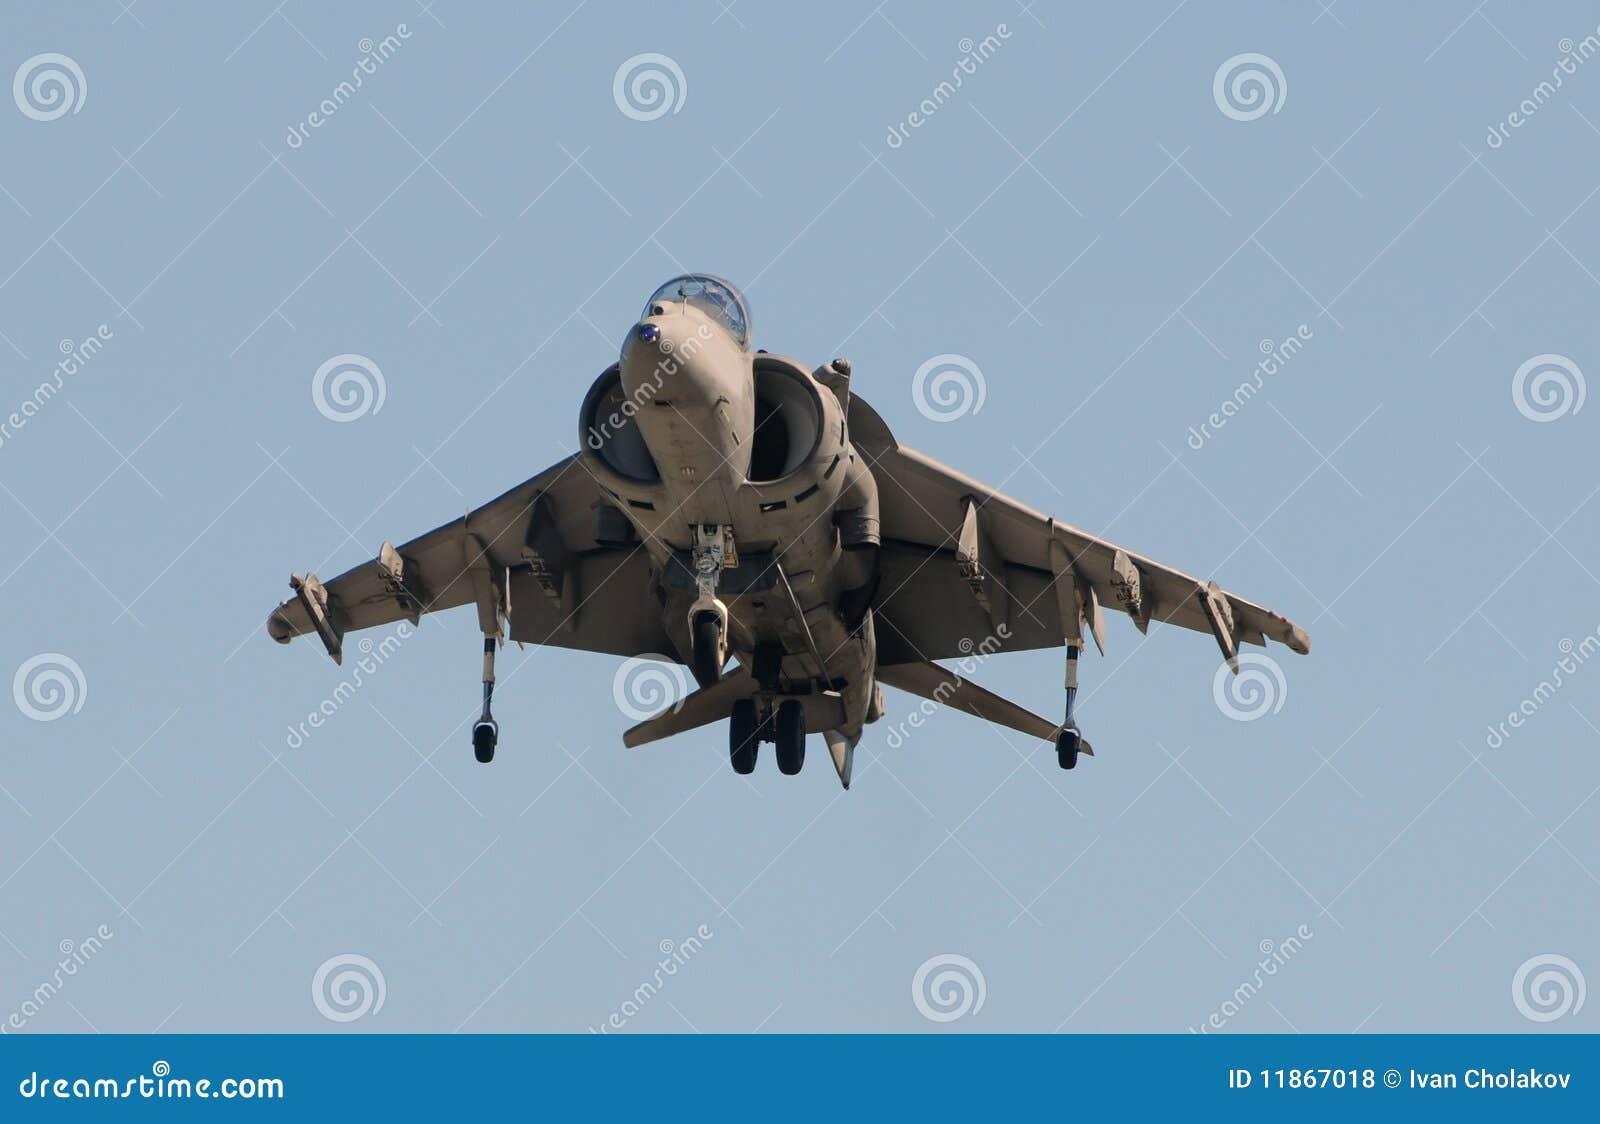 Aereo Da Caccia Giapponese : Decollo dell aereo da caccia fotografia stock immagine